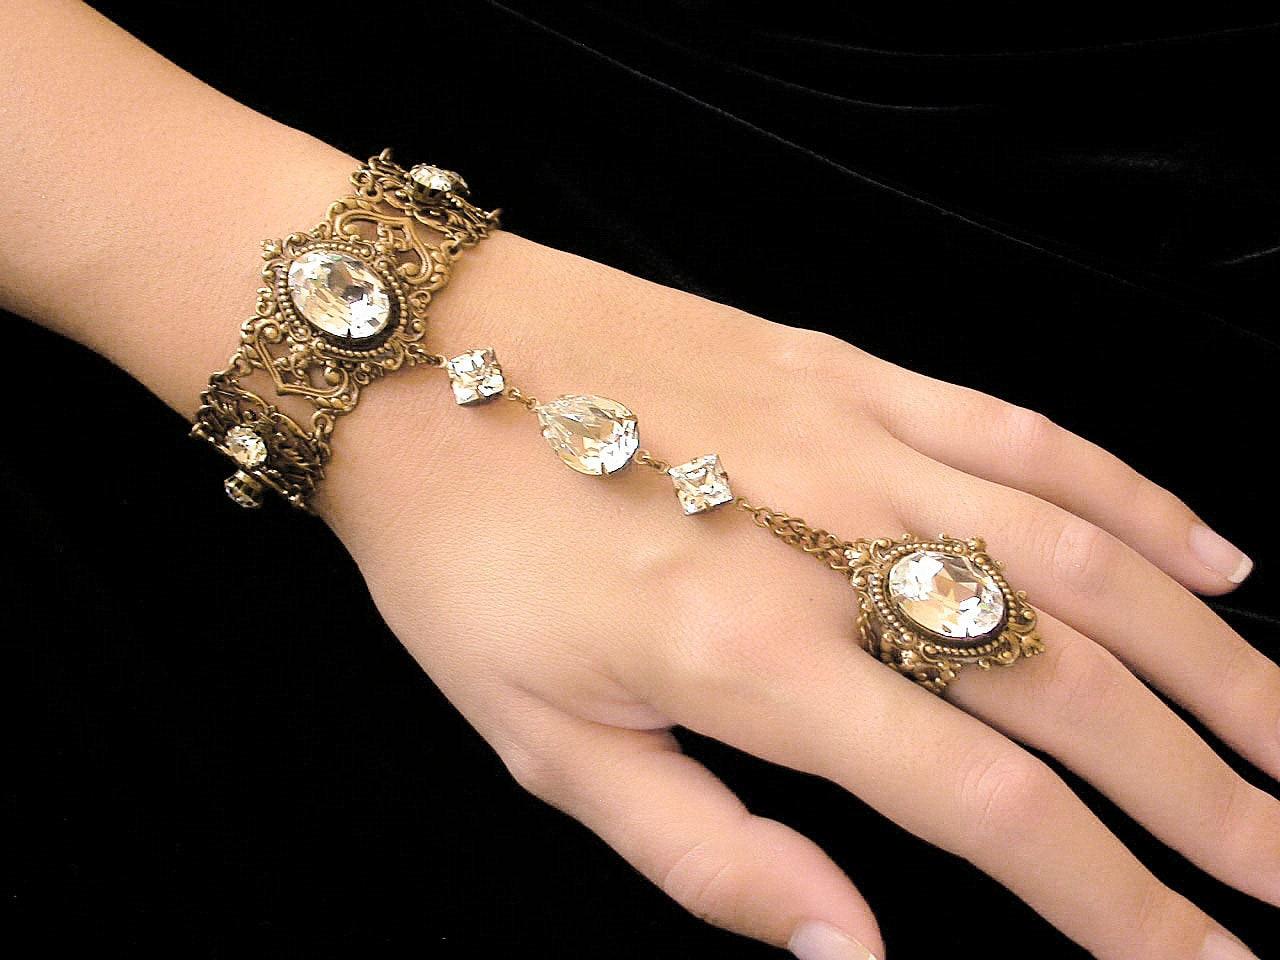 Swarovski Crystal Slave Bracelet With Ring Victorian